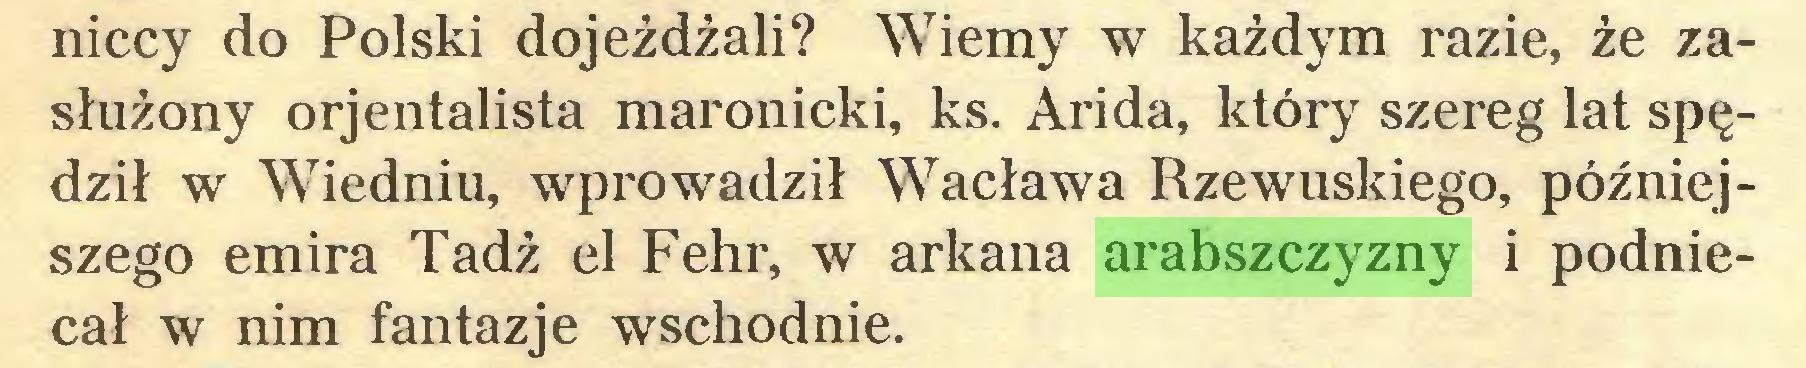 (...) niccy do Polski dojeżdżali? Wiemy w każdym razie, że zasłużony orjentalista maronicki, ks. Arida, który szereg lat spędził w Wiedniu, wprowadził Wacława Rzewuskiego, późniejszego emira Tadż el Fehr, w arkana arabszczyzny i podniecał w nim fantazje wschodnie...